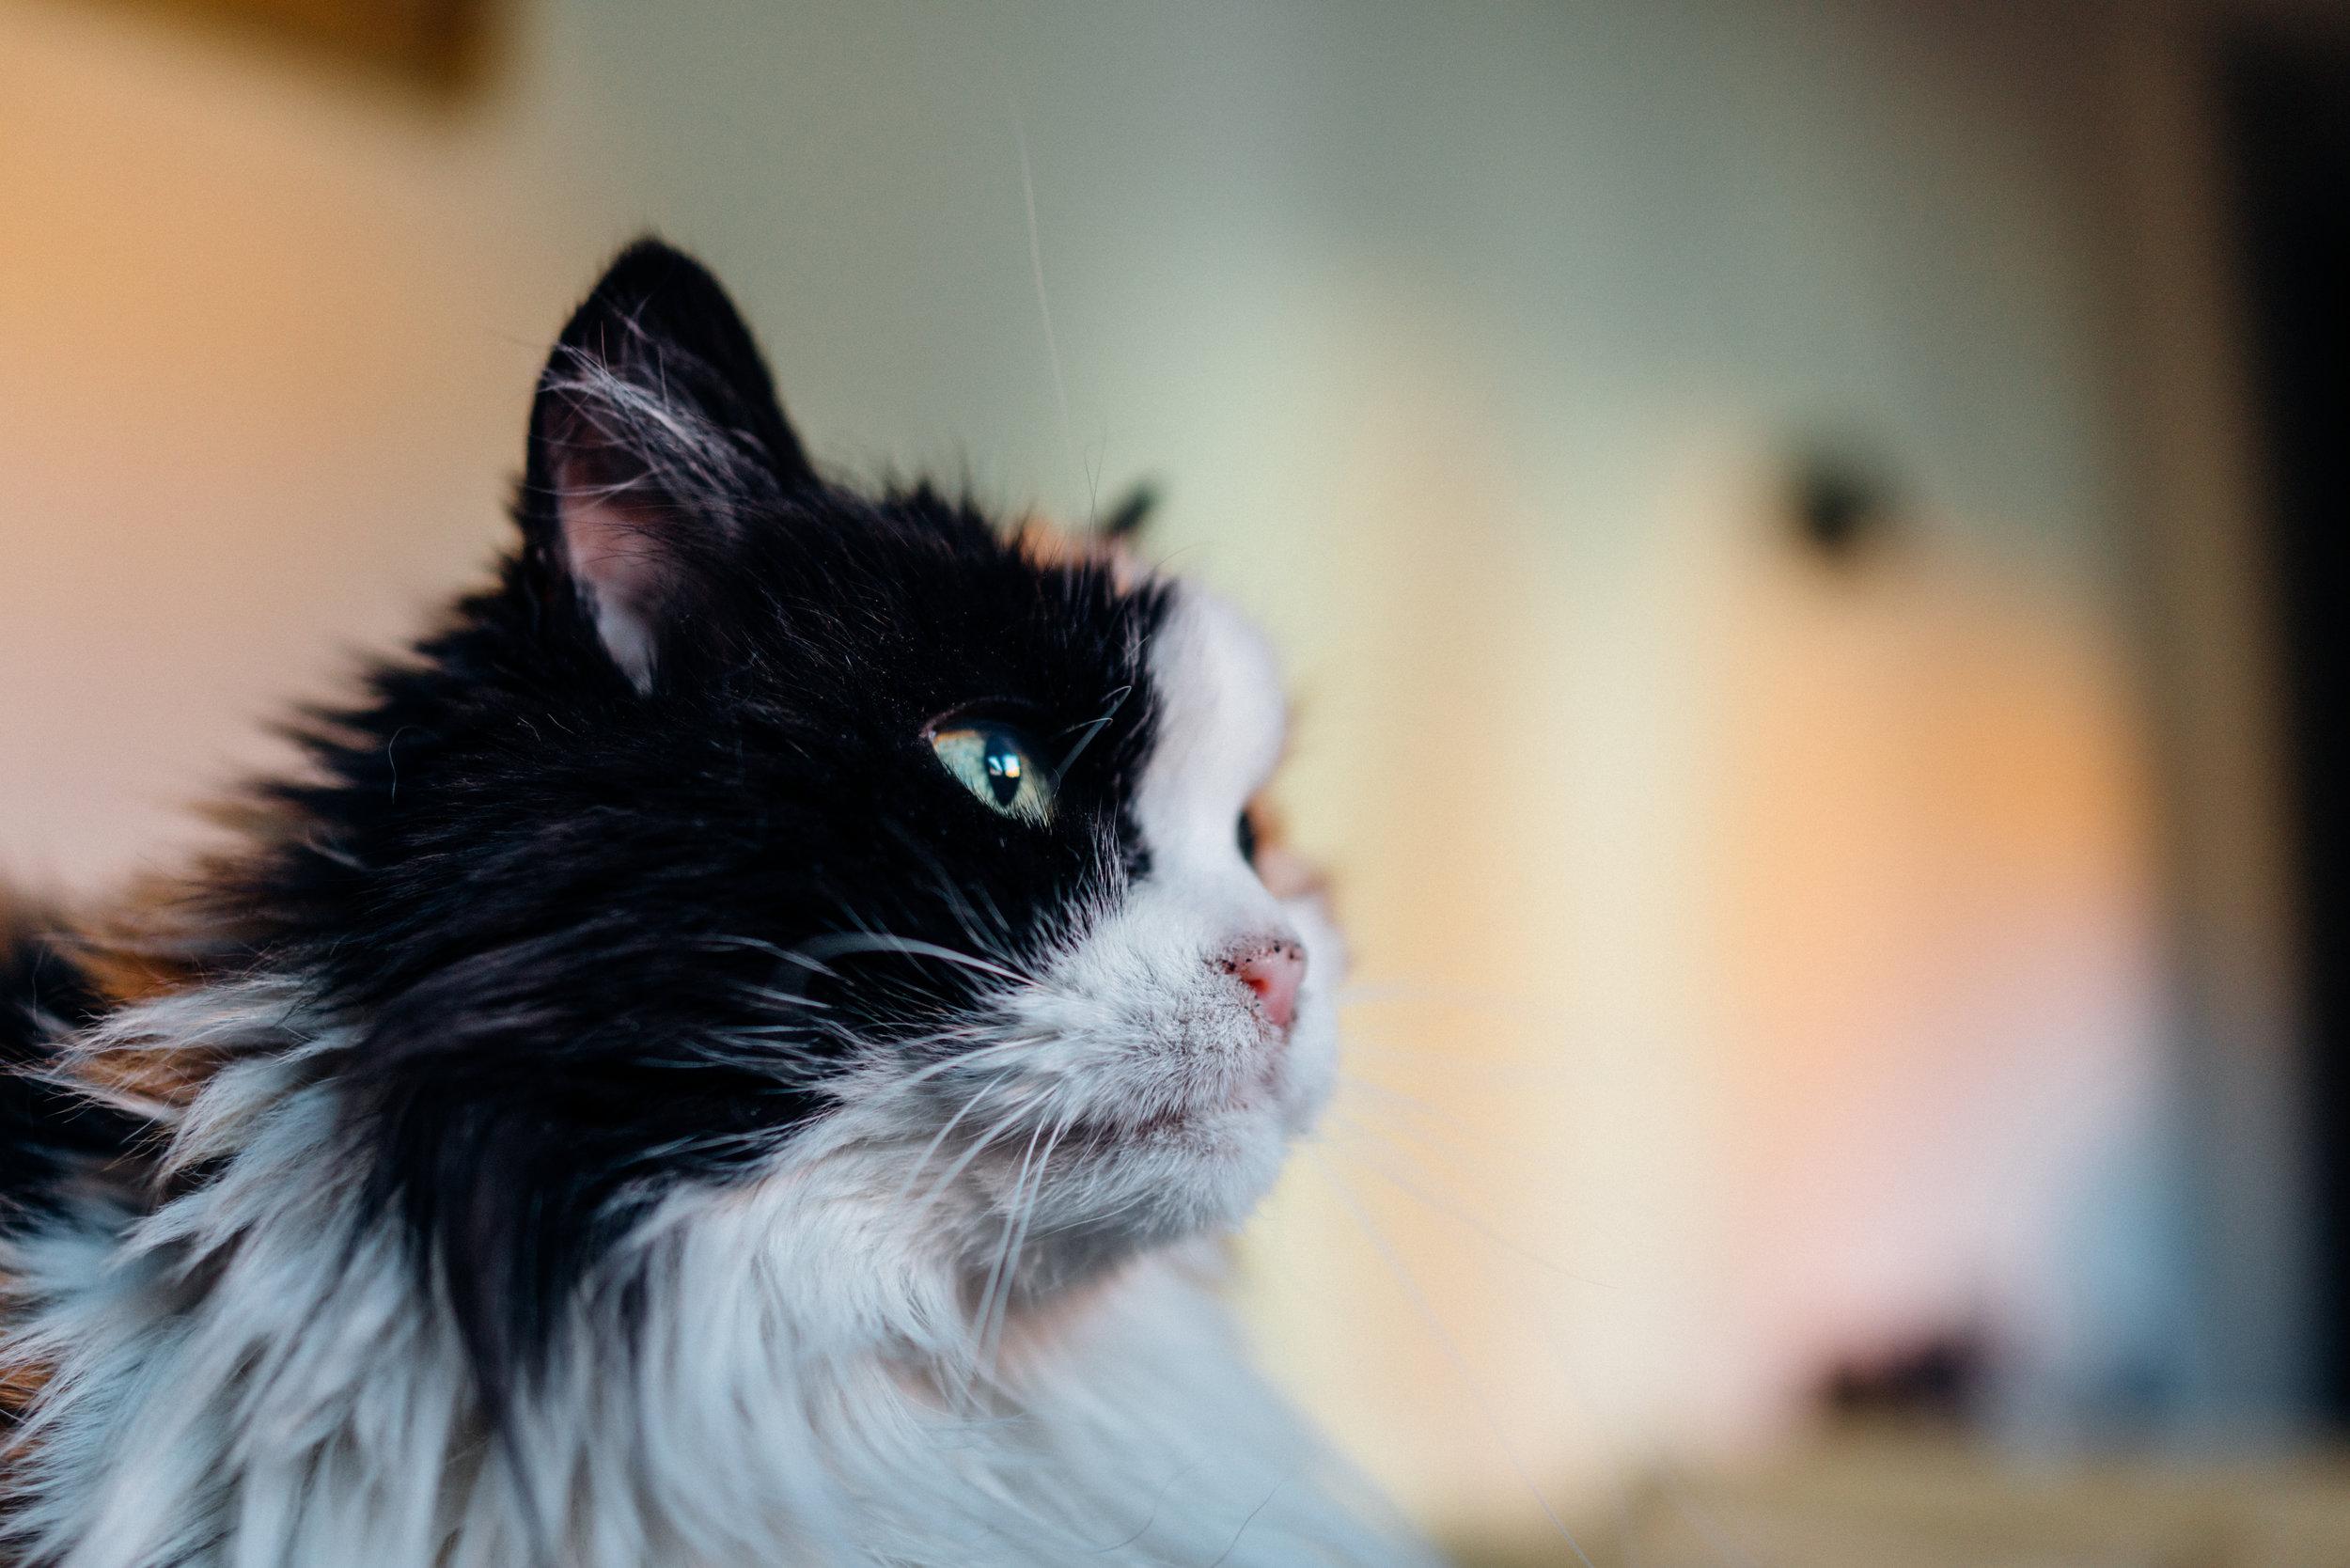 Magò,uno dei gatti di Marina, nella mia stanza